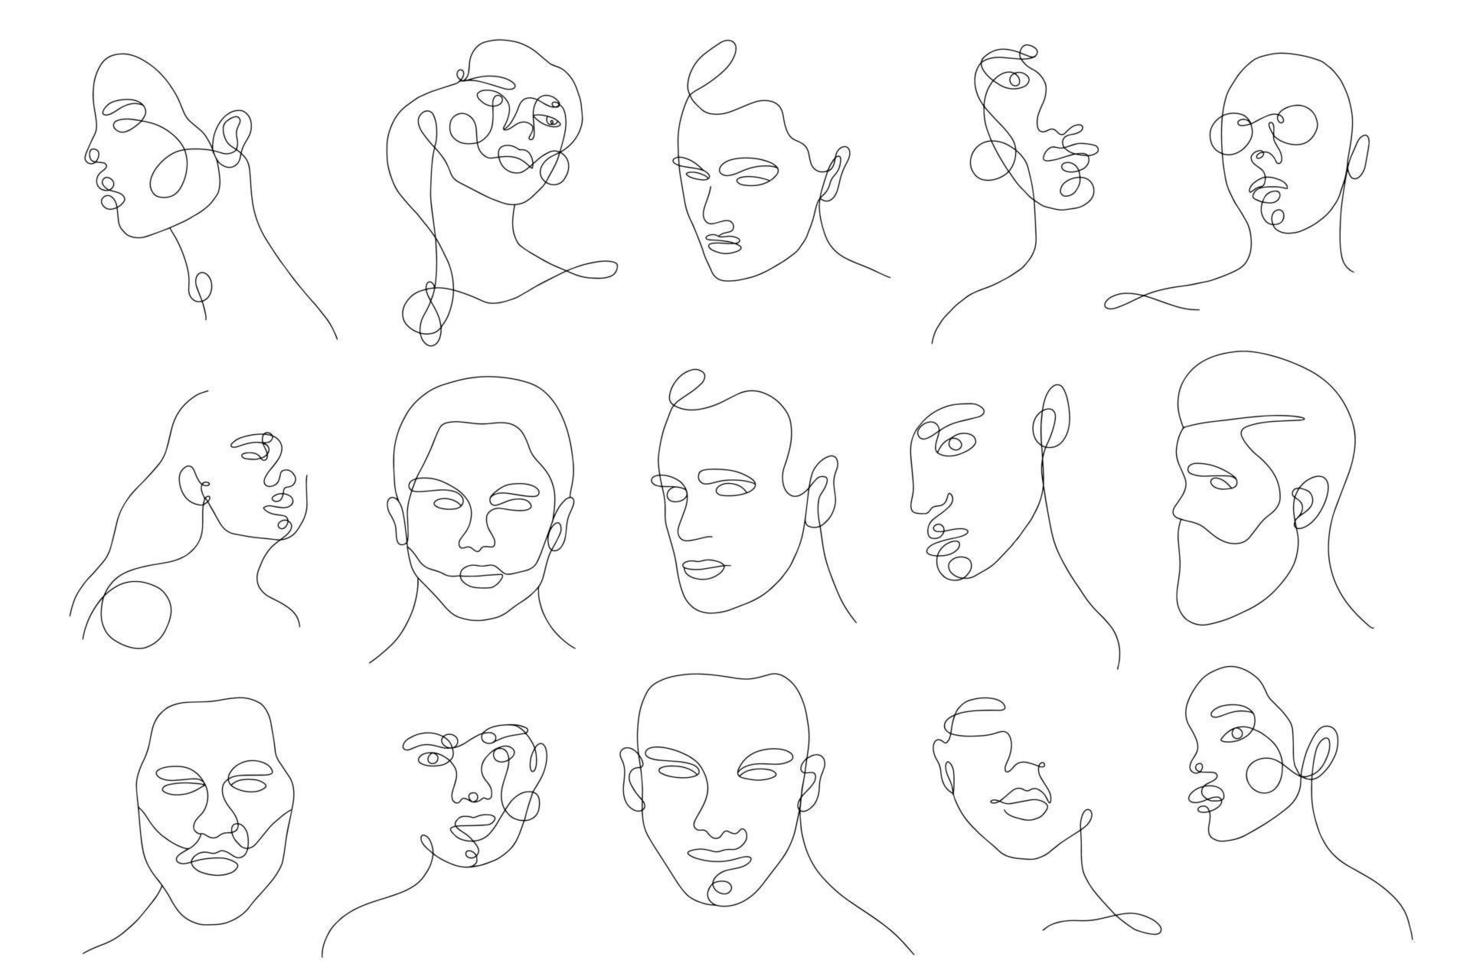 definir retratos lineares de mulher e homem. silhueta linear contínua de rosto feminino. esboço mão desenhada de garotas de avatares. logotipo de glamour linear em estilo minimalista para salão de beleza, maquiador, estilista vetor